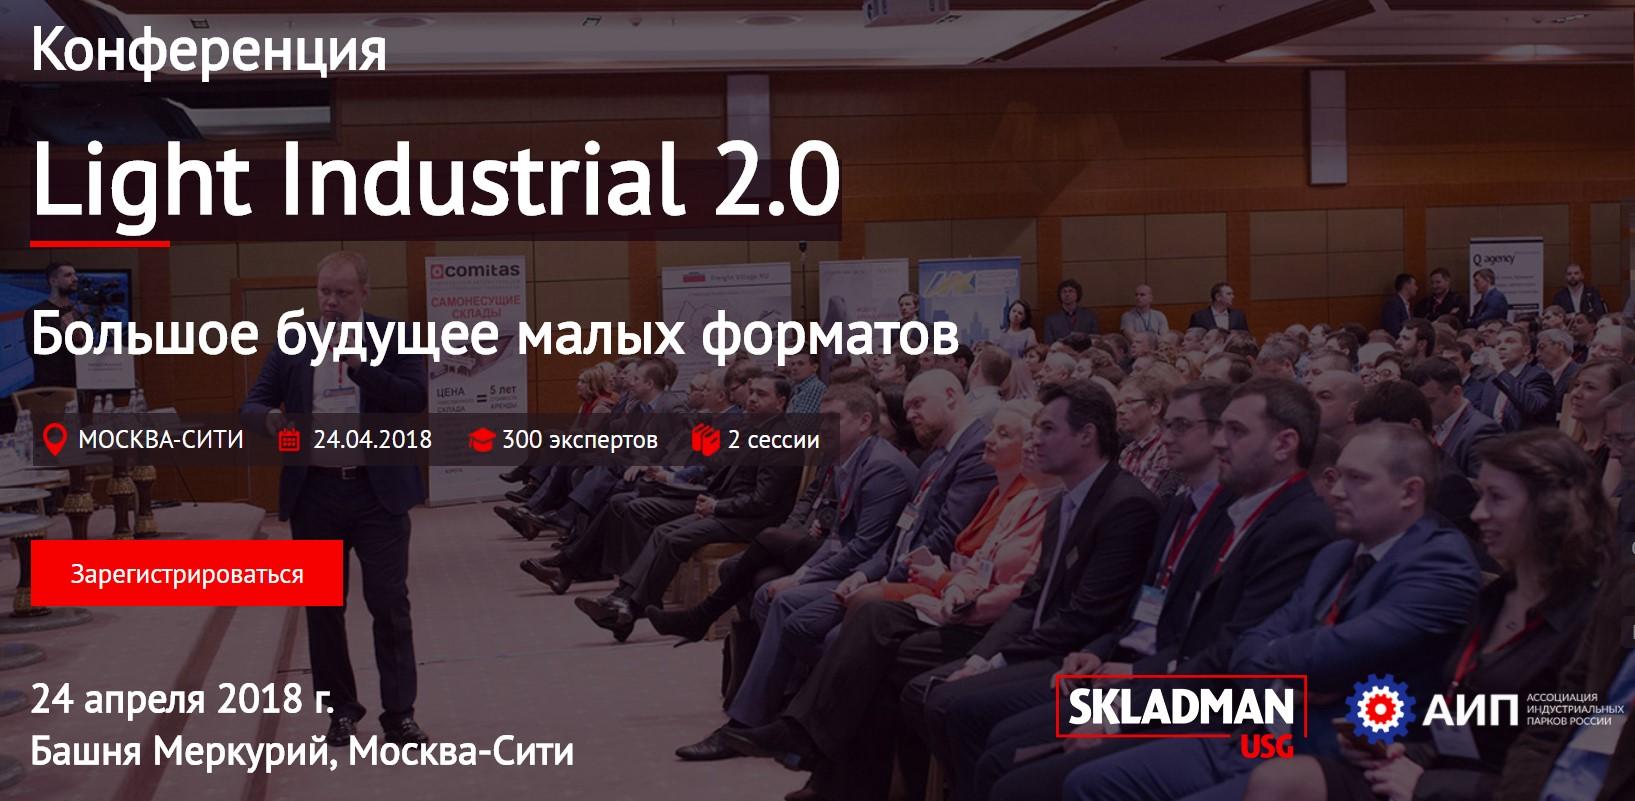 Конференция: Light Industrial 2.0 - Большое будущее малых форматов